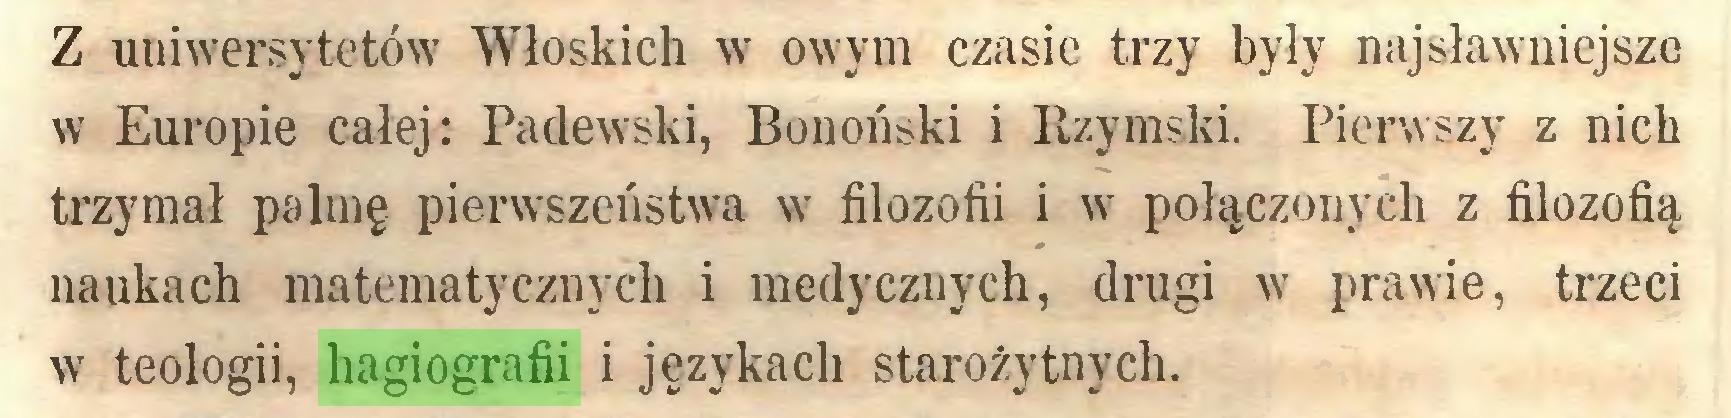 (...) Z uuiwersytetów Włoskich w owym czasie trzy były najsławniejsze w Europie całej: Padewski, Bonoński i Rzymski. Pierwszy z nich trzymał palmę pierwszeństwa w filozofii i w połączonych z filozofią naukach matematycznych i medycznych, drugi w prawie, trzeci w teologii, hagiografii i językach starożytnych...